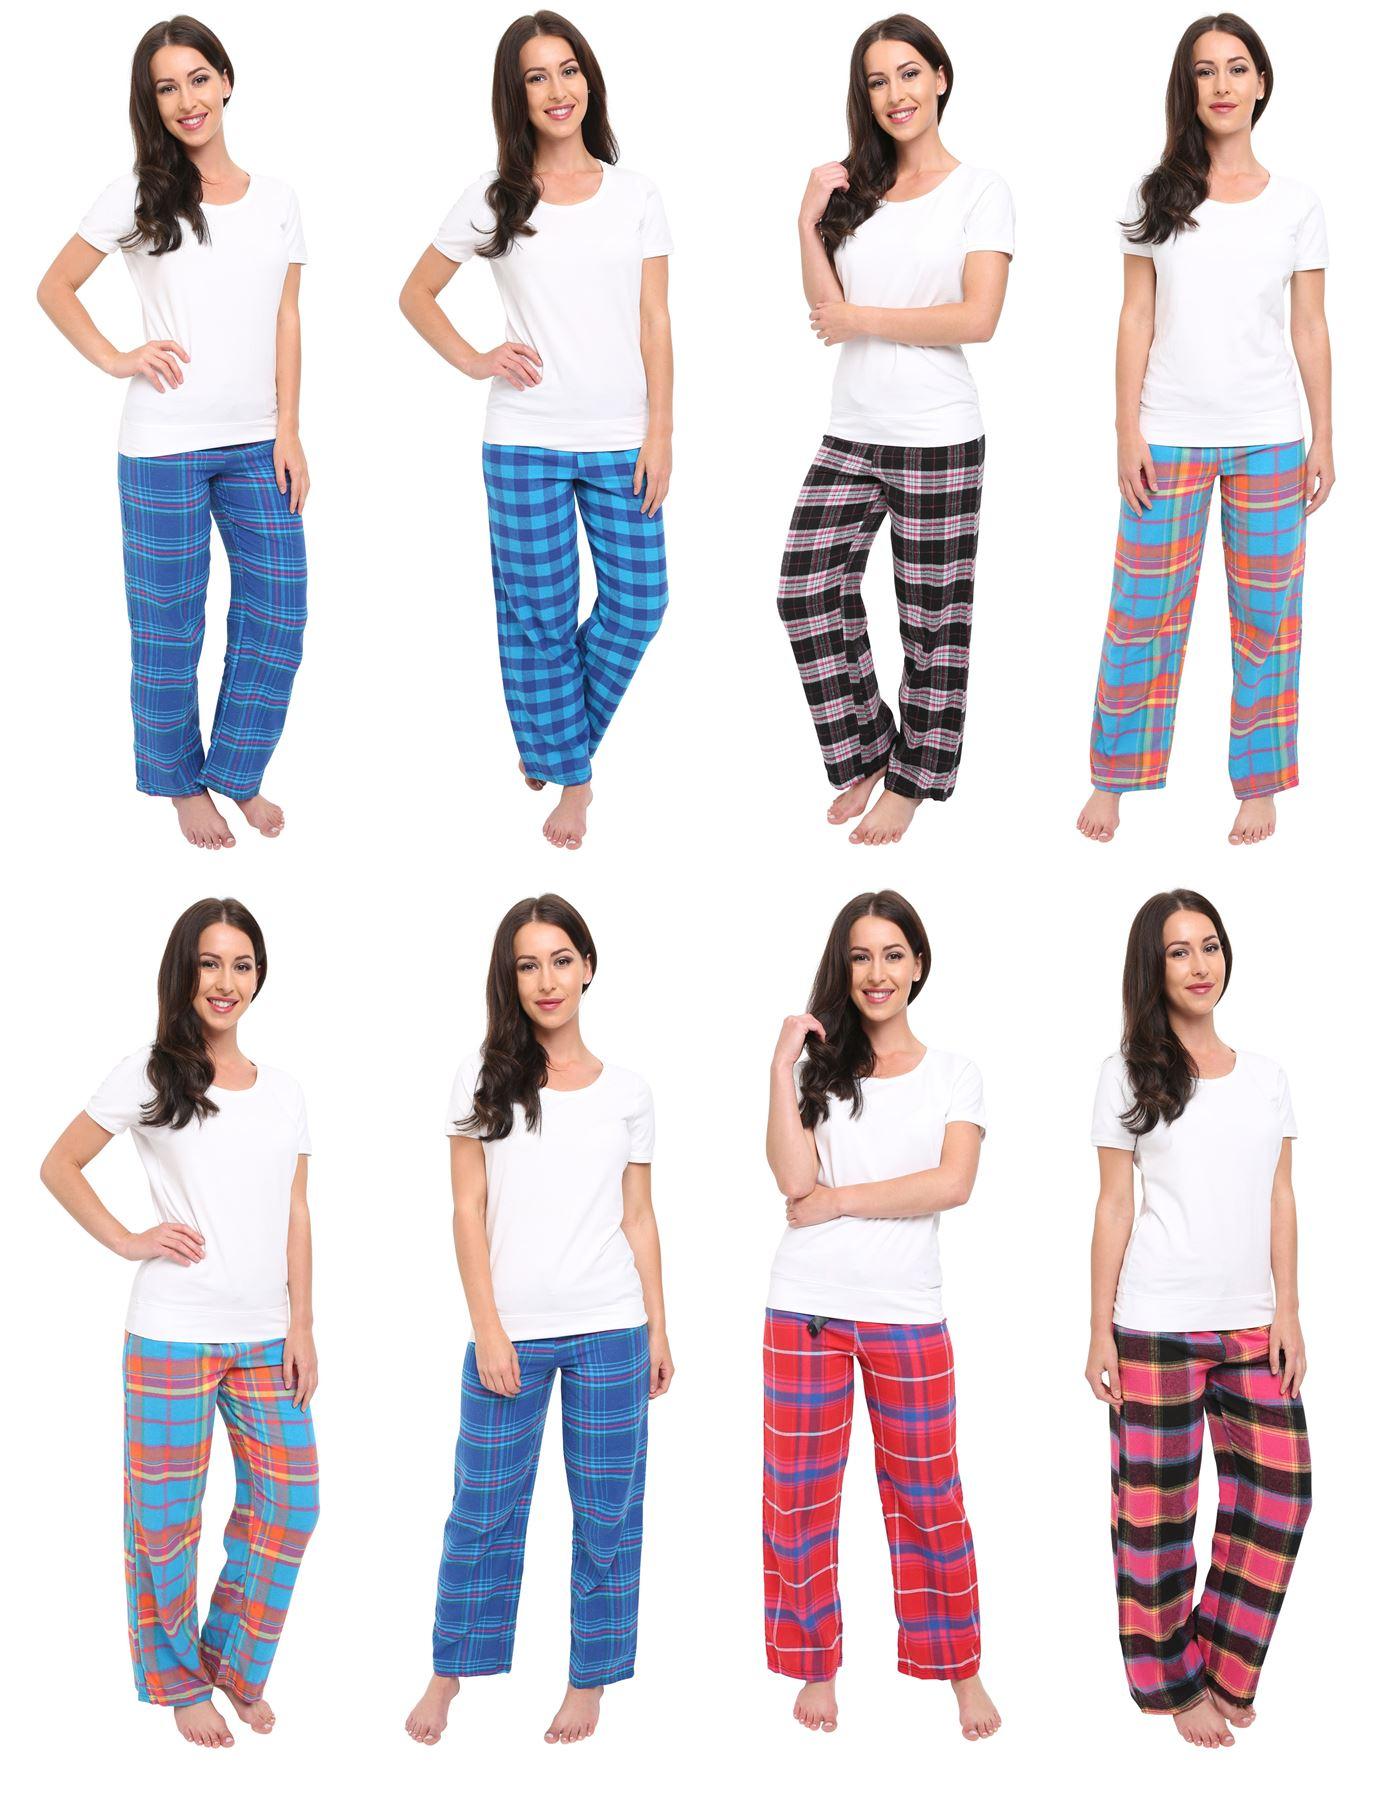 buy popular 21ad3 39db8 Details zu Damen kariert Pyjama Set,DESIGNER FLANELL Wohnzimmer Verschleiß  Pyjama,Größe